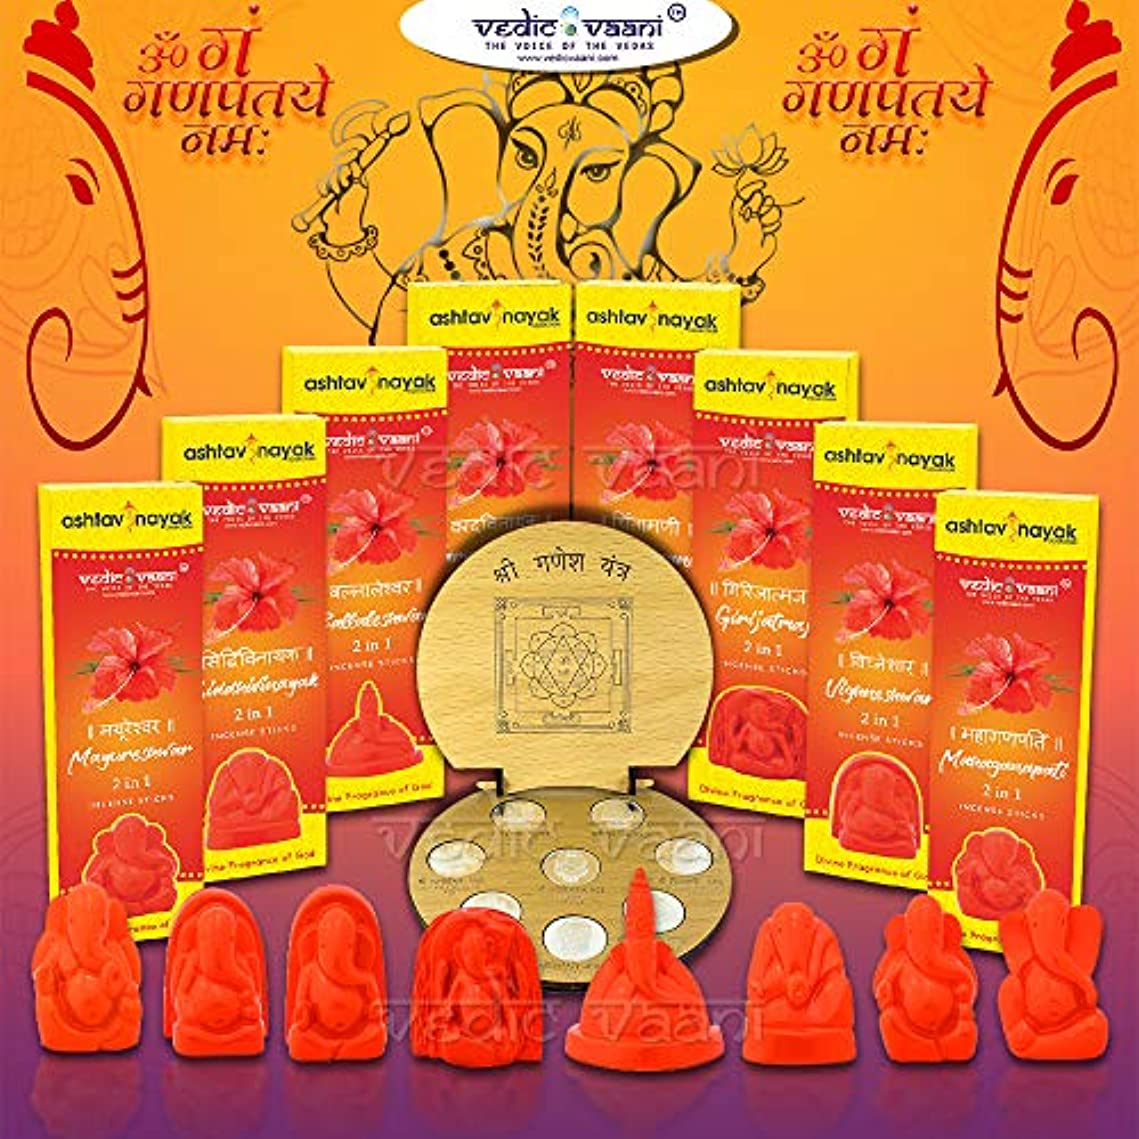 探す和輪郭Vedic Vaani Shree Ashtavinayak Darshan Yantra with Ashtavinayak Darshan Set & Ganesh Festival お香セット (各100GM)